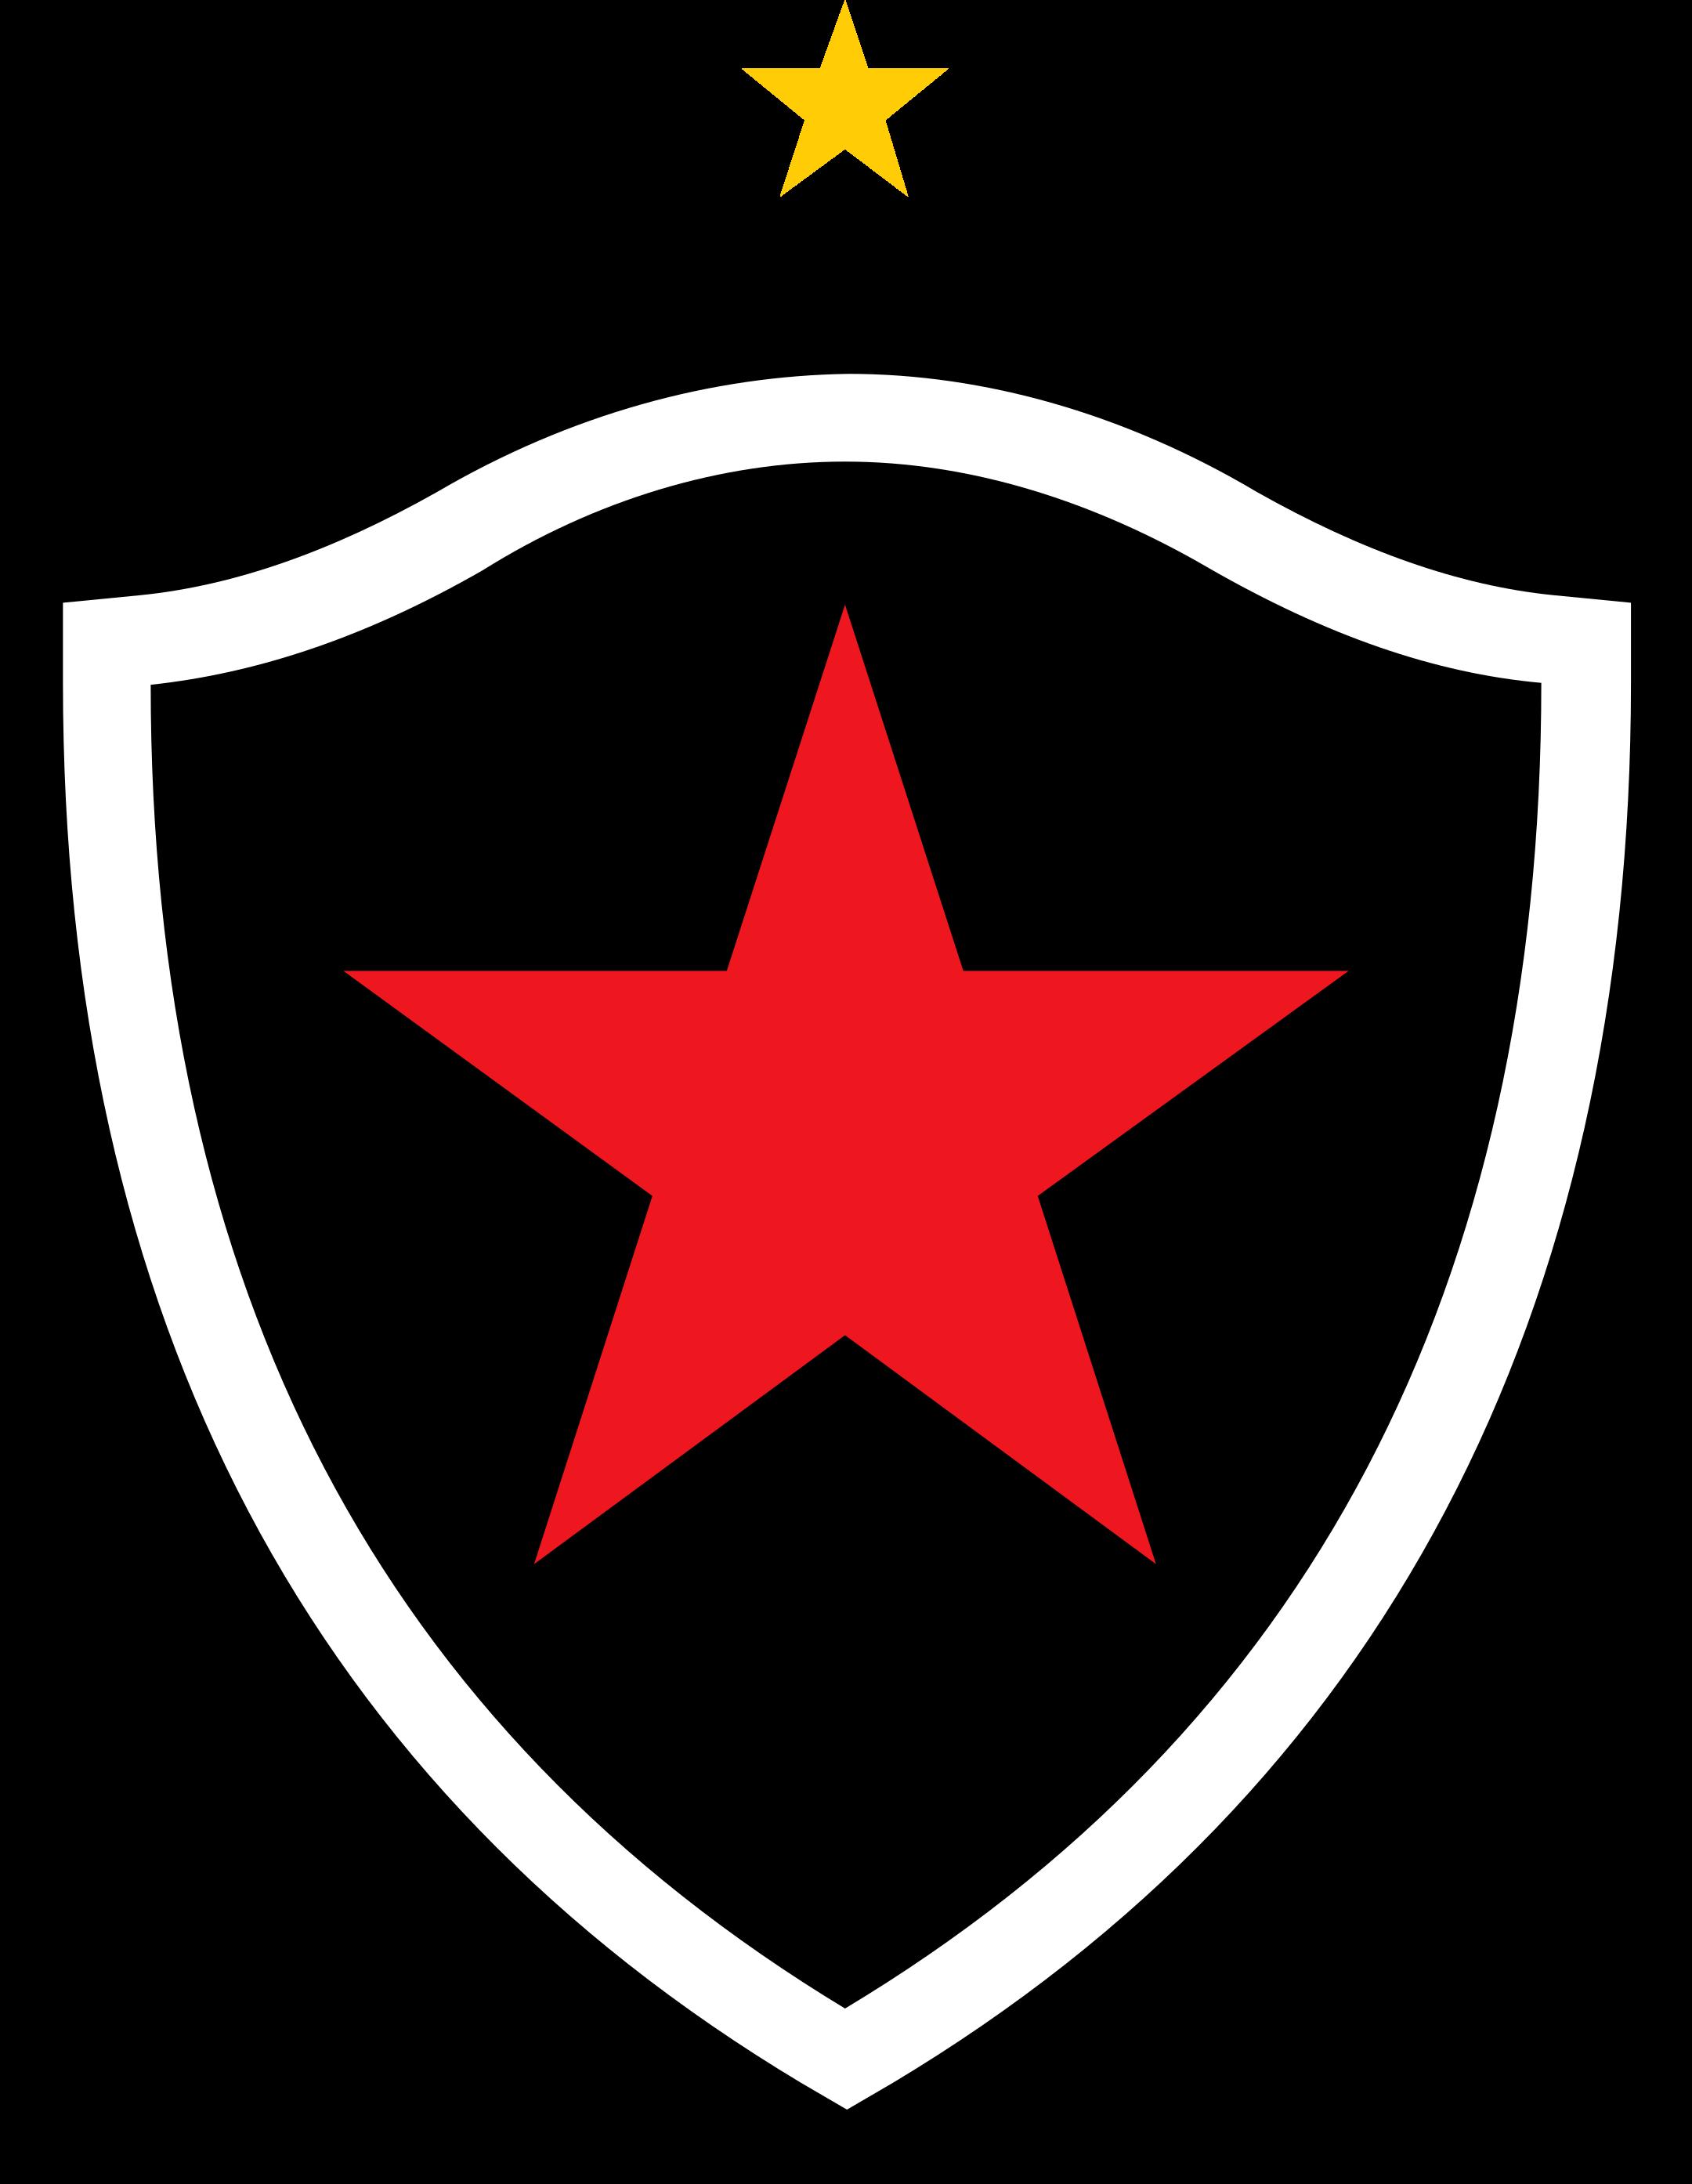 botafogo paraiba logo 1 - Botafogo da Paraíba Logo - Escudo